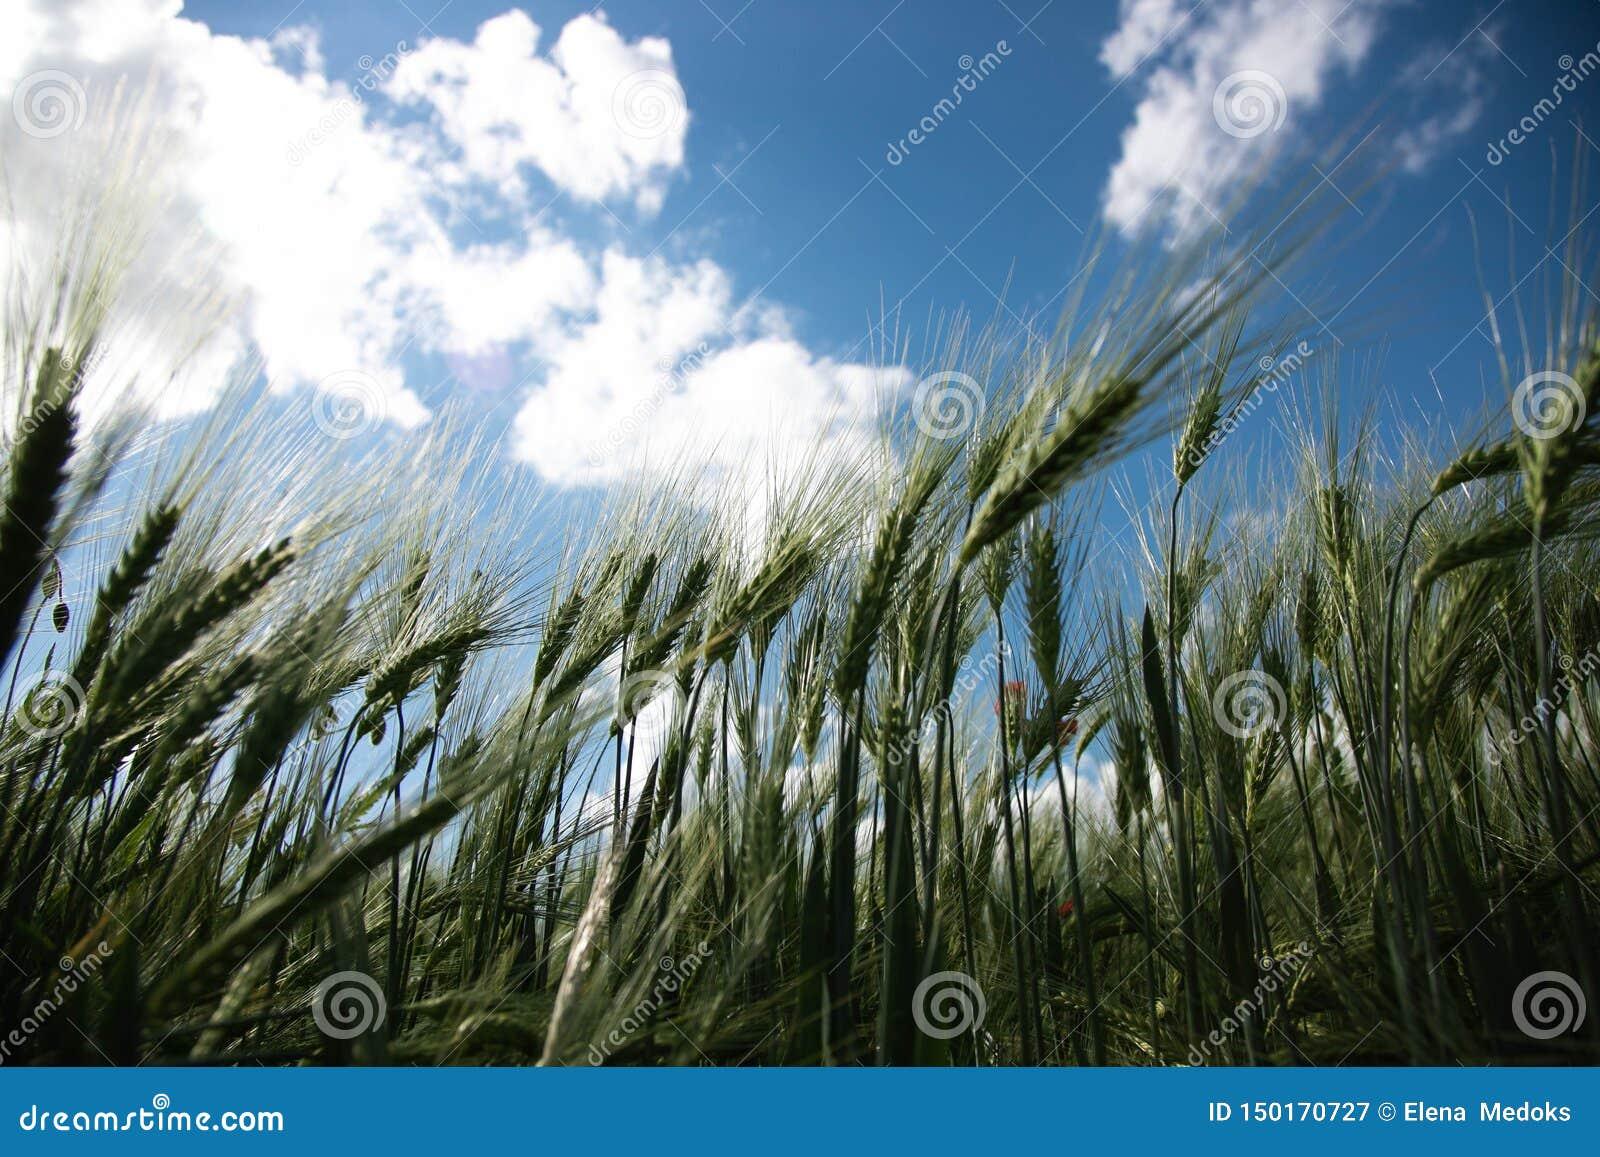 Tiro do campo de Rye de baixo de Spikelets do centeio contra o céu azul da mola com as nuvens brancas, luxúrias